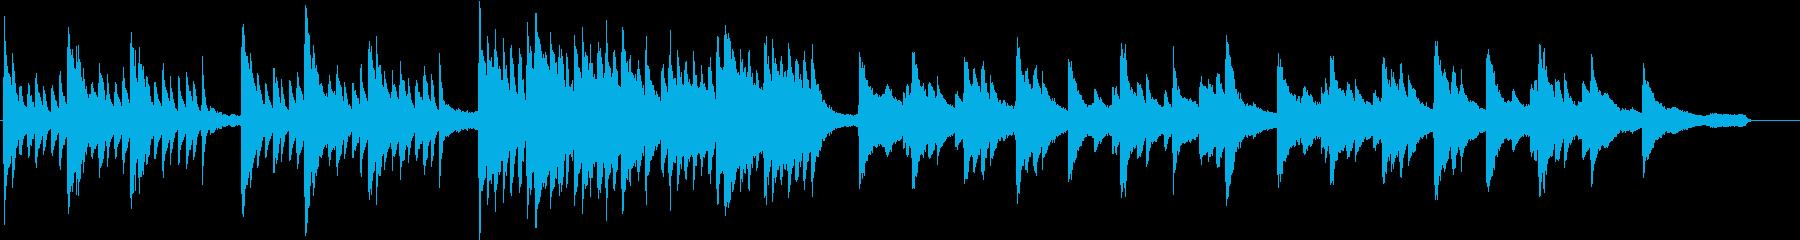 和風成分の入ったミステリー系の楽曲の再生済みの波形